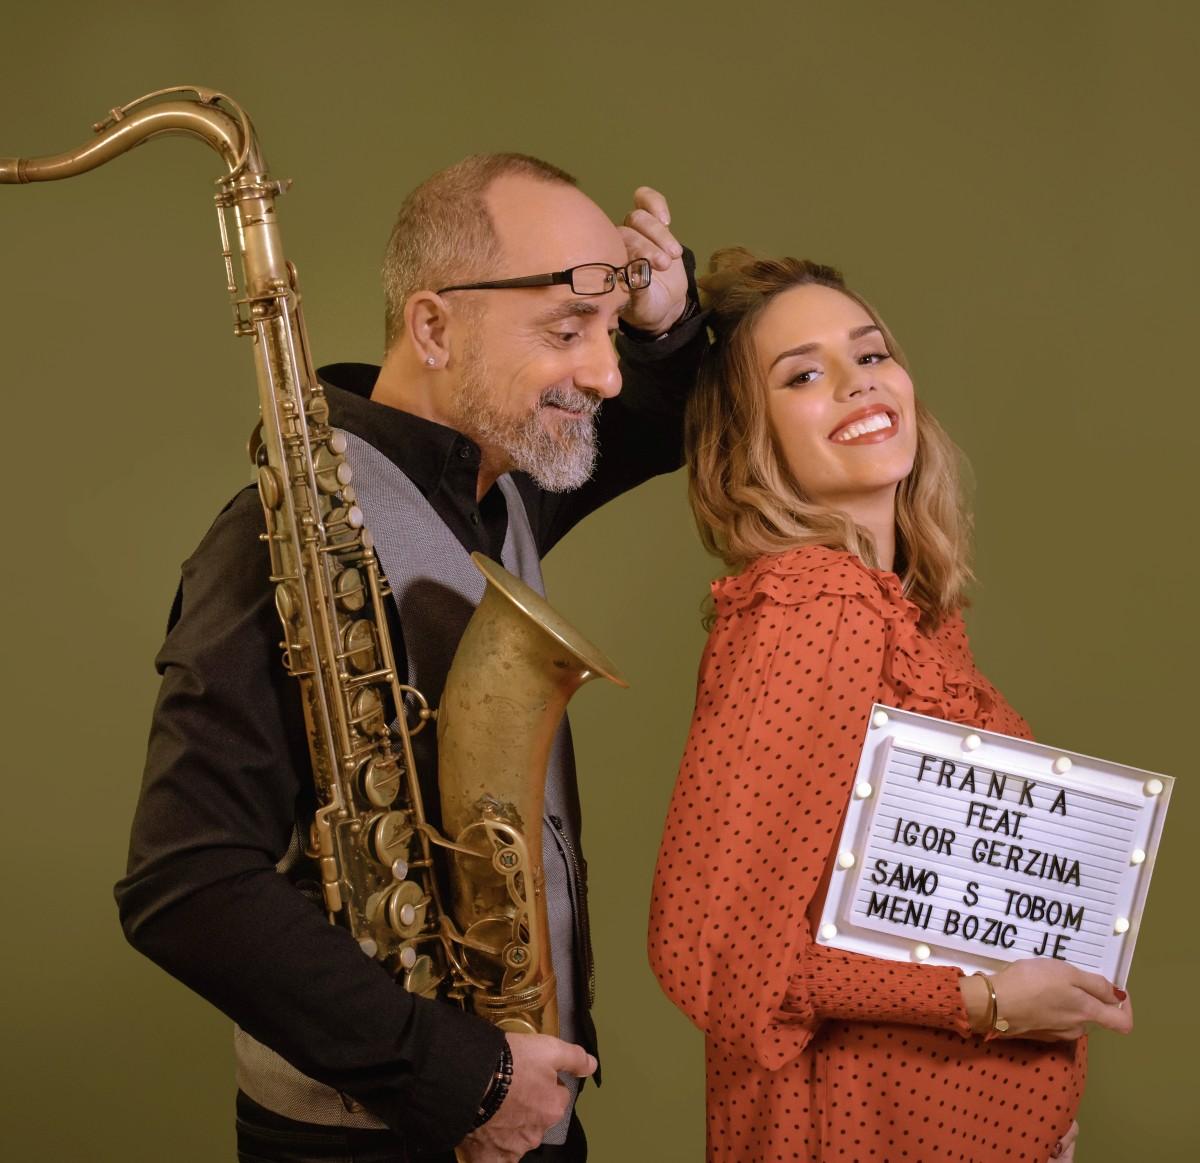 Frankina božićna bajka u suradnji sa saksofonistom Igorom Geržinom